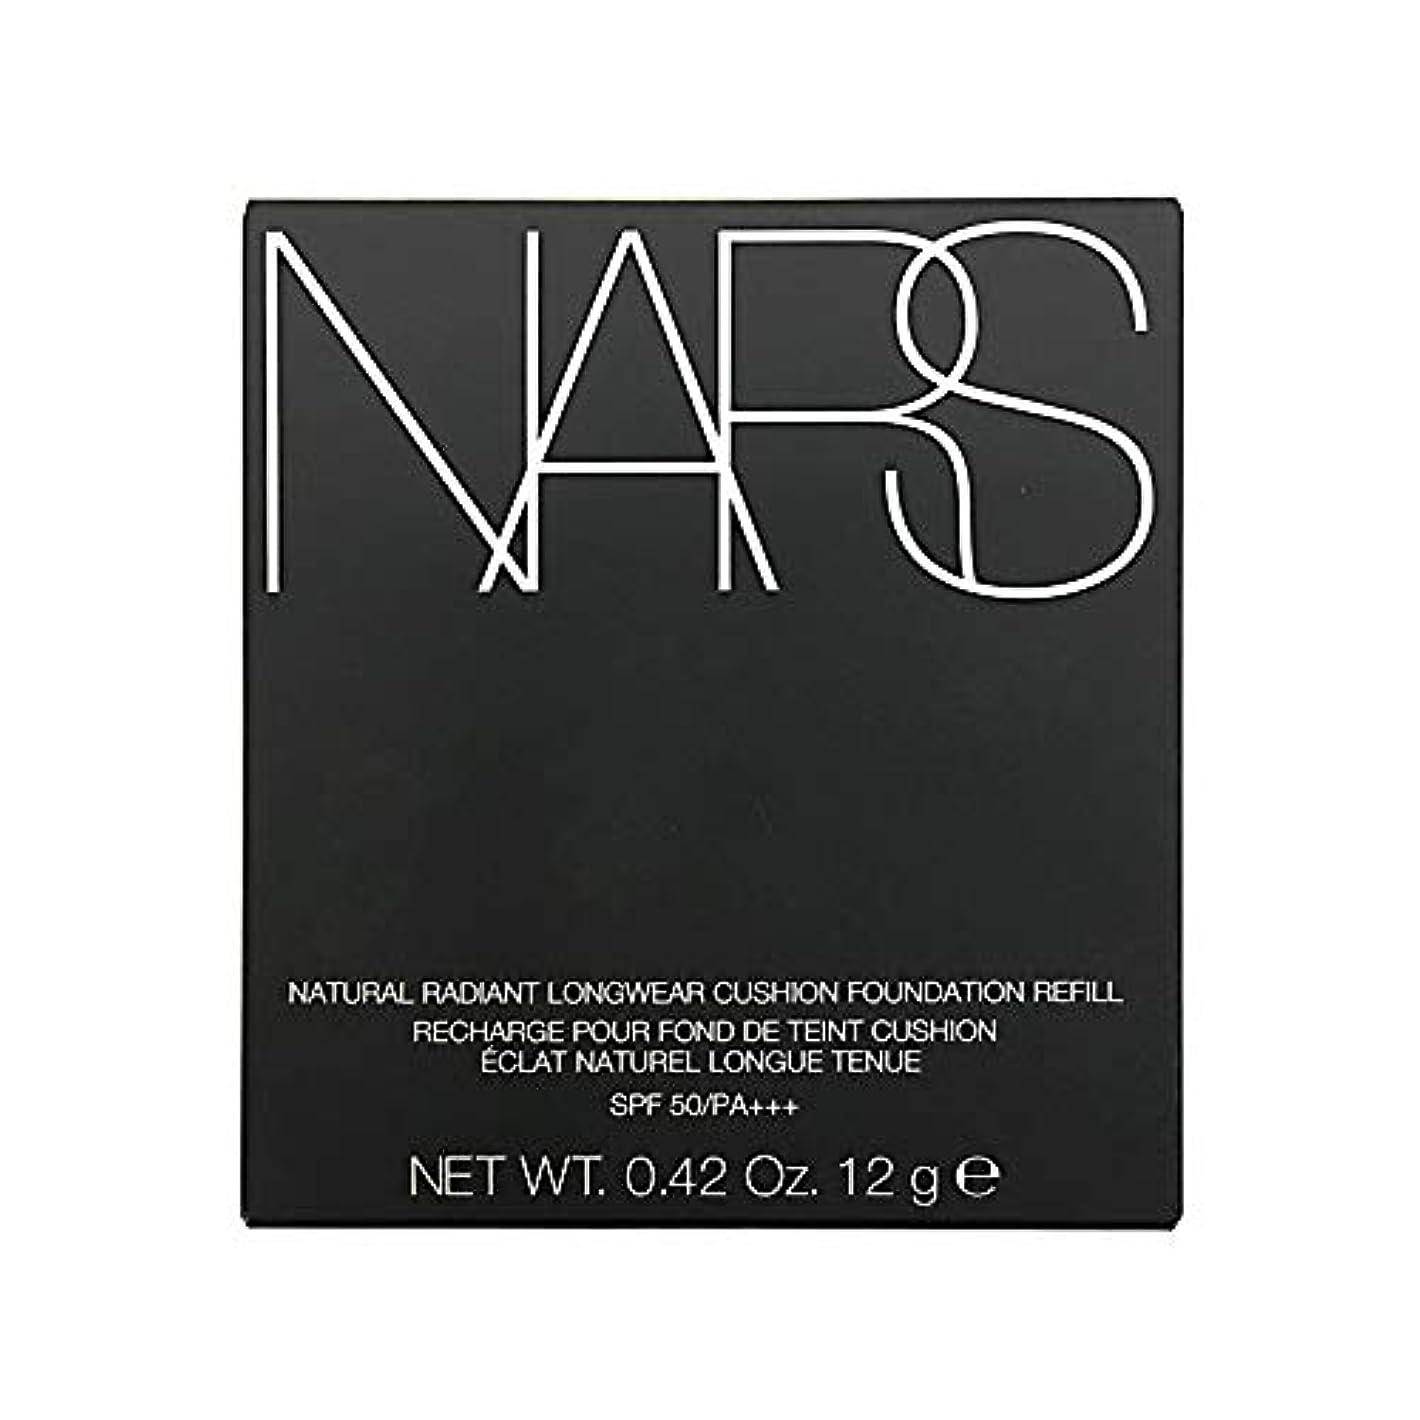 ベテラン複製する行商ナーズ/NARS ナチュラルラディアント ロングウェア クッションファンデーション(レフィル)#5880[ クッションファンデ ] [並行輸入品]